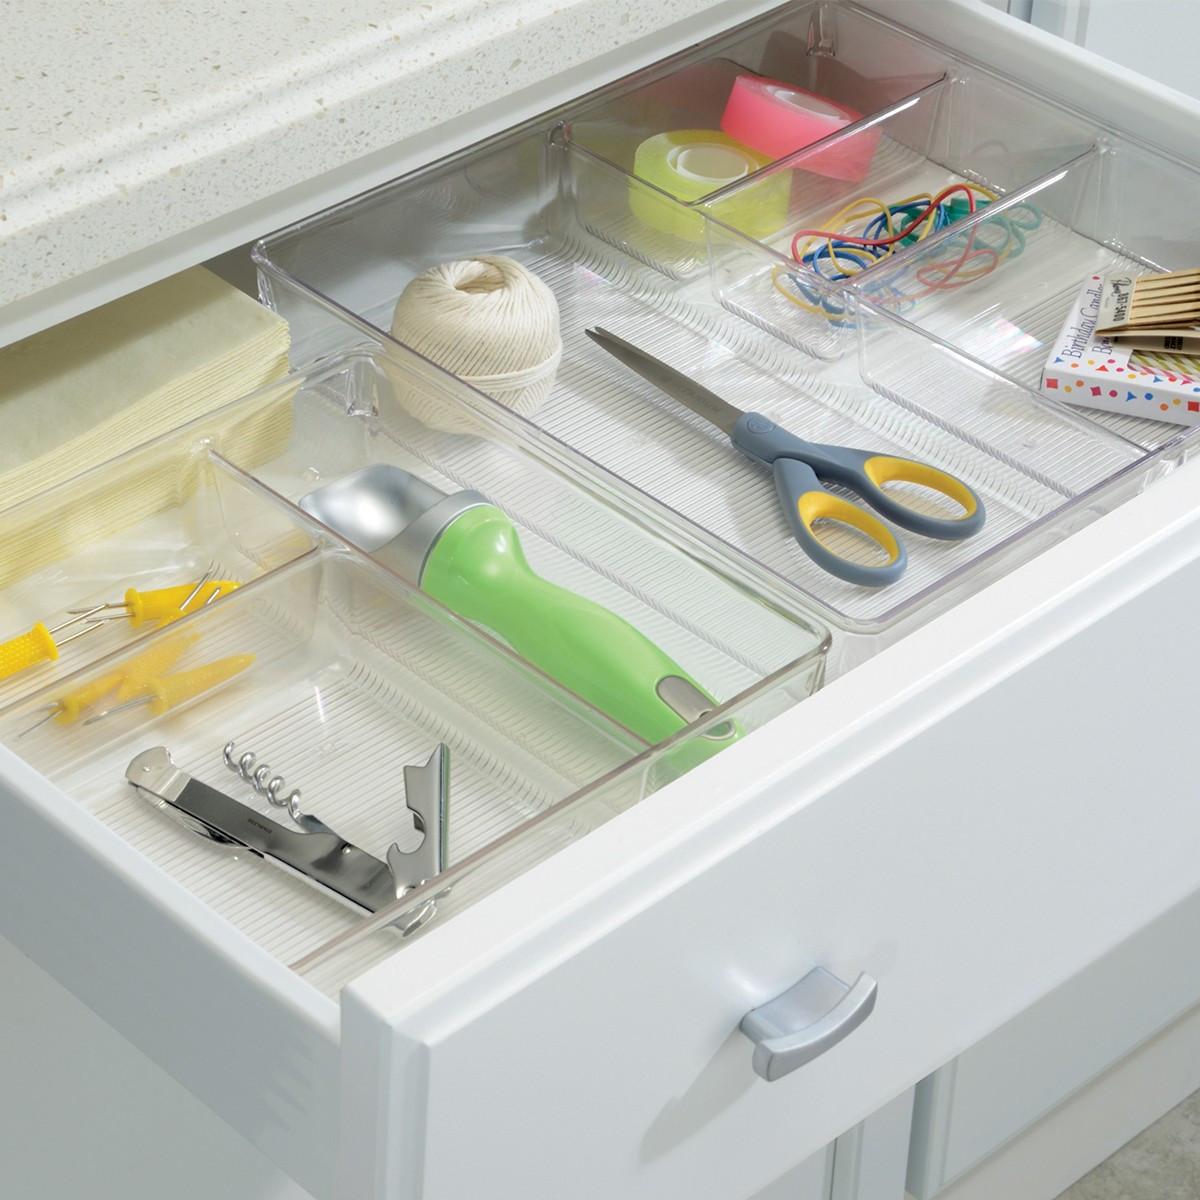 Organisateur tiroir rangement couverts - Organisateur tiroir cuisine ...